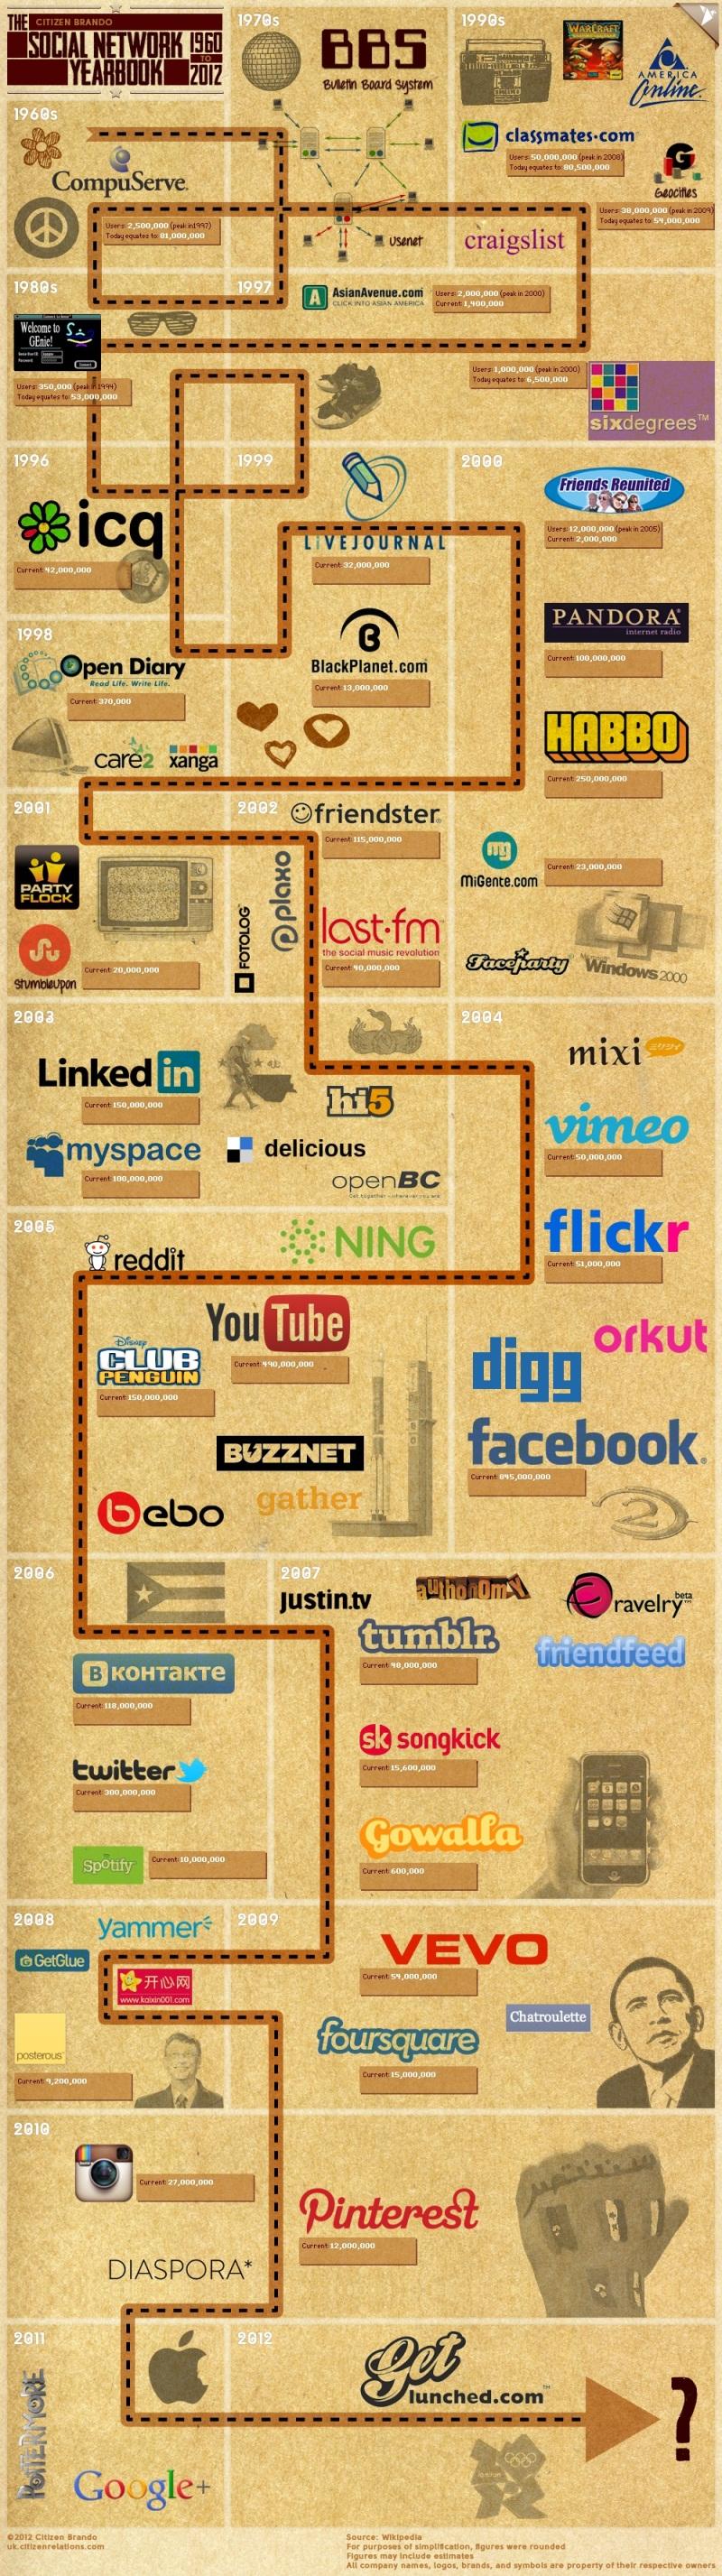 timeline de las redes sociales 1960-2012